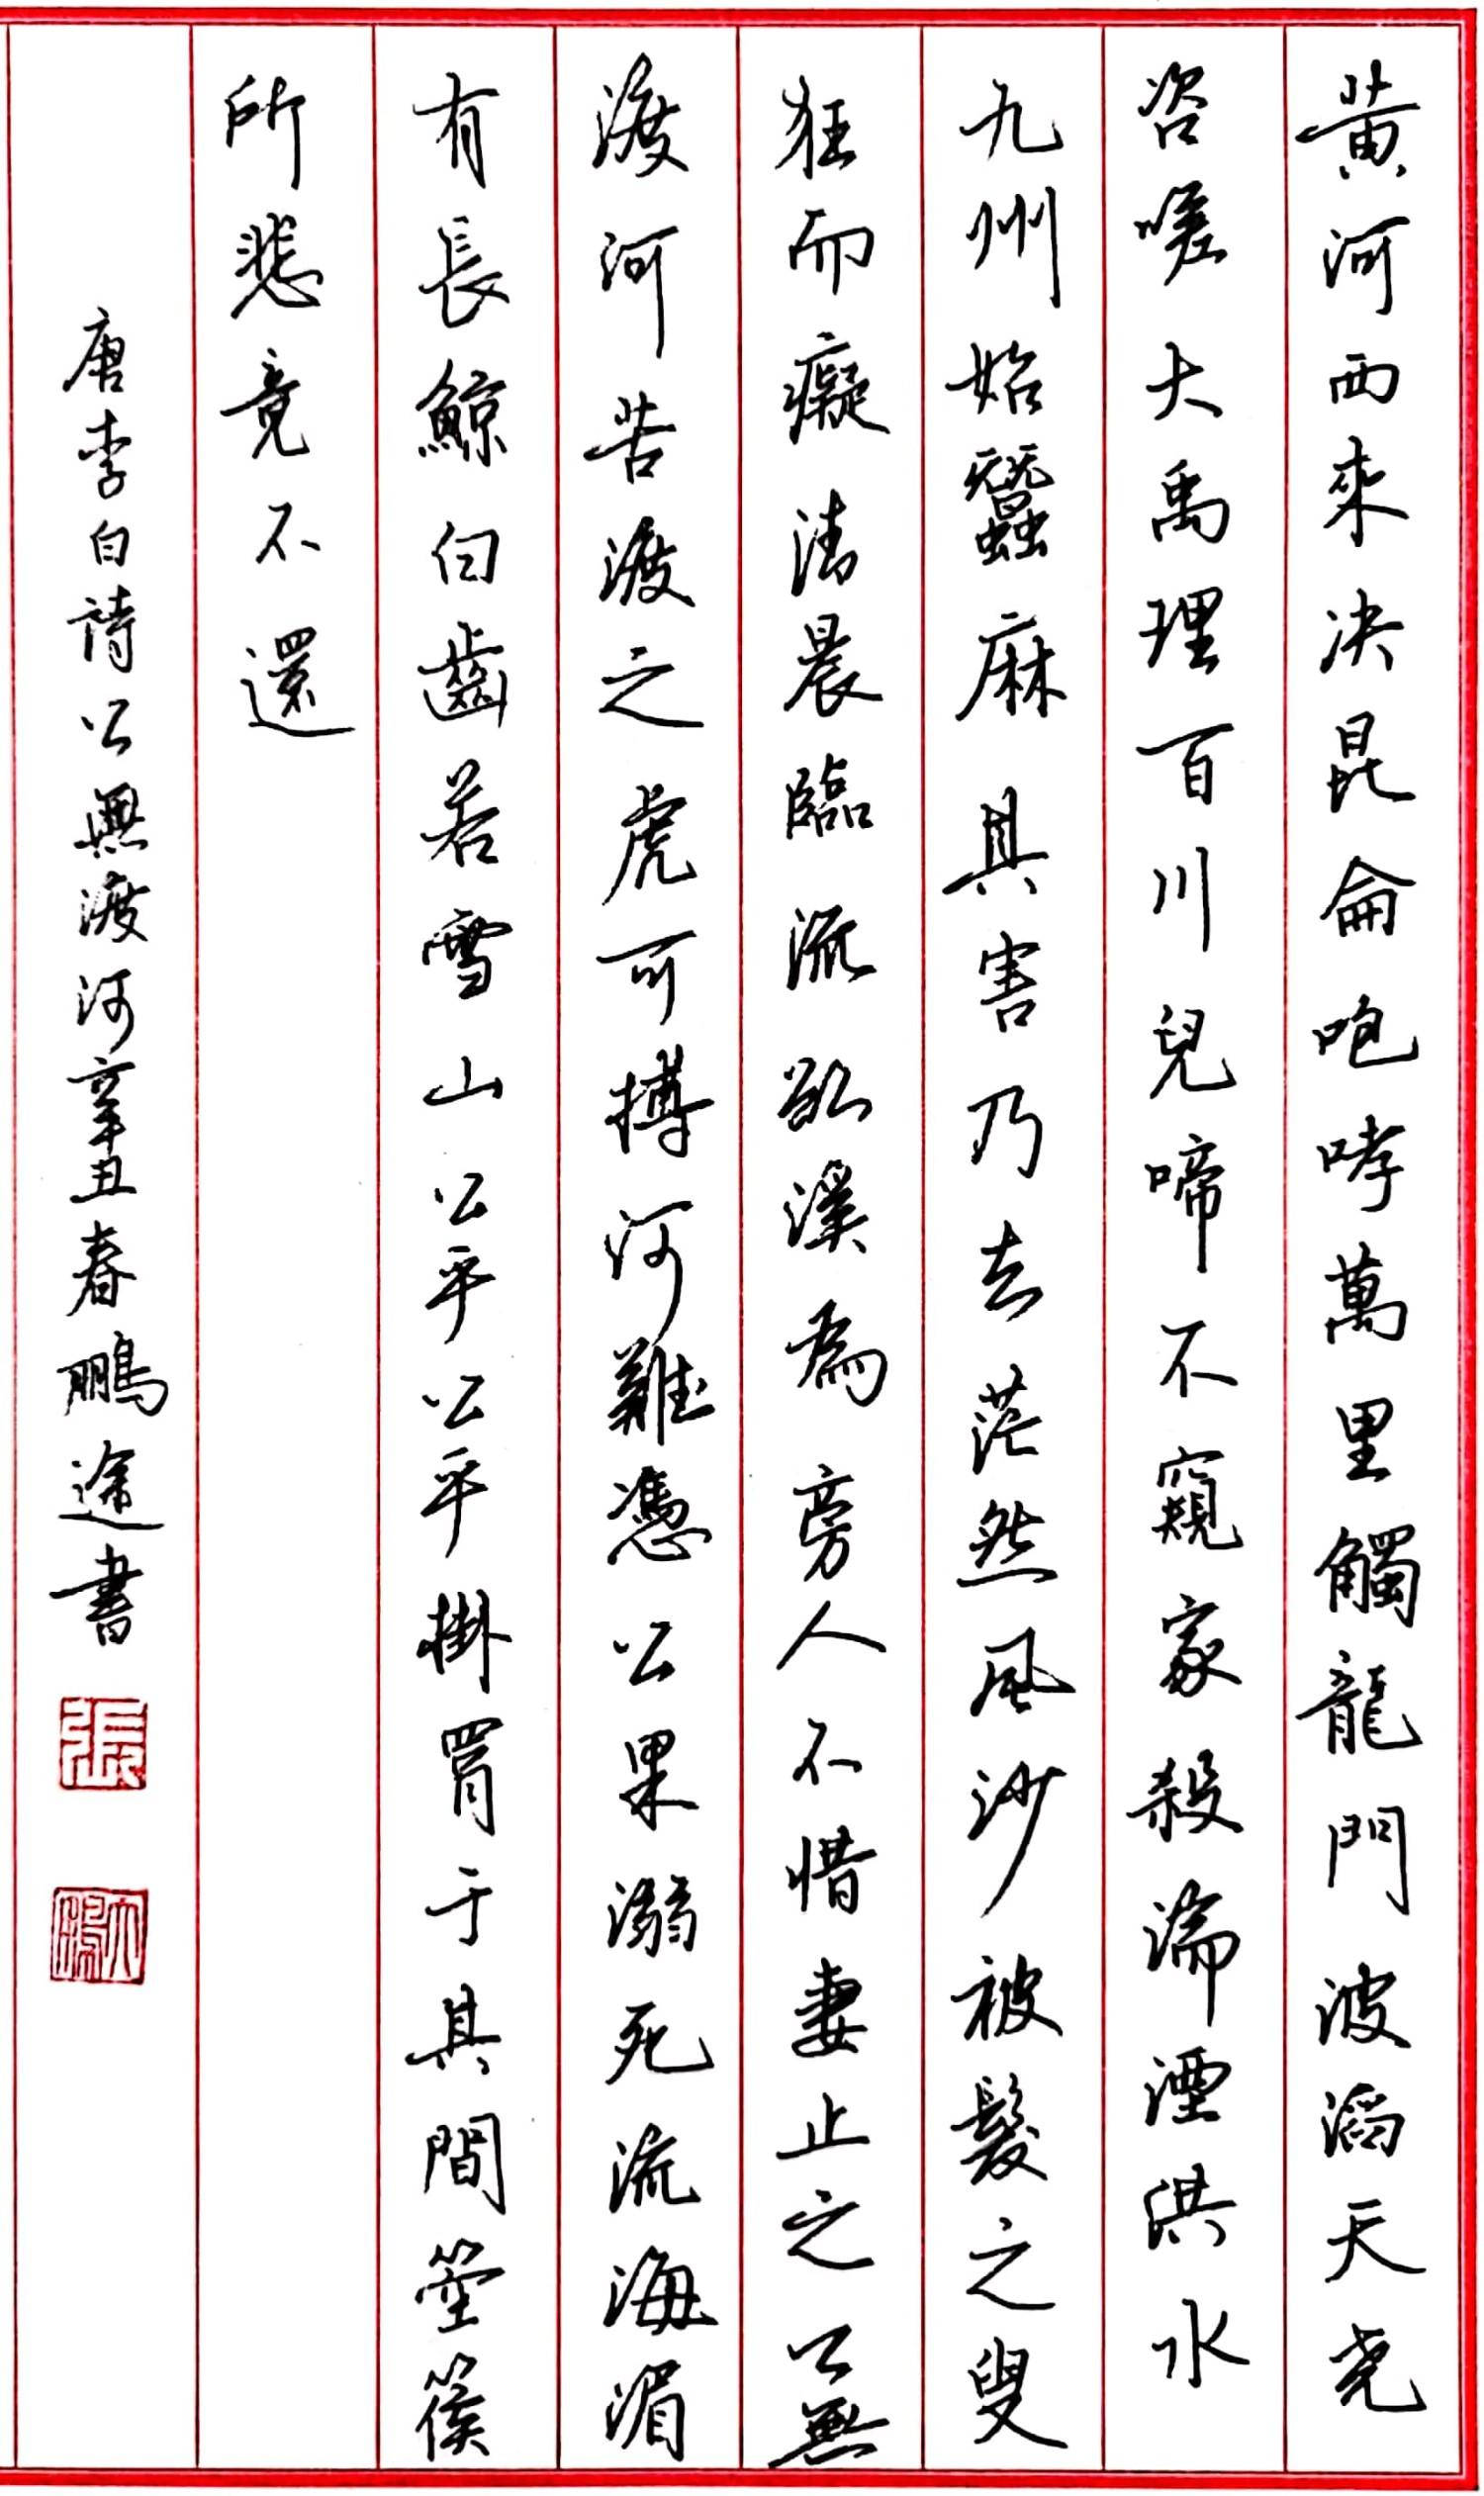 钢笔爱好者练字打卡20210406-23